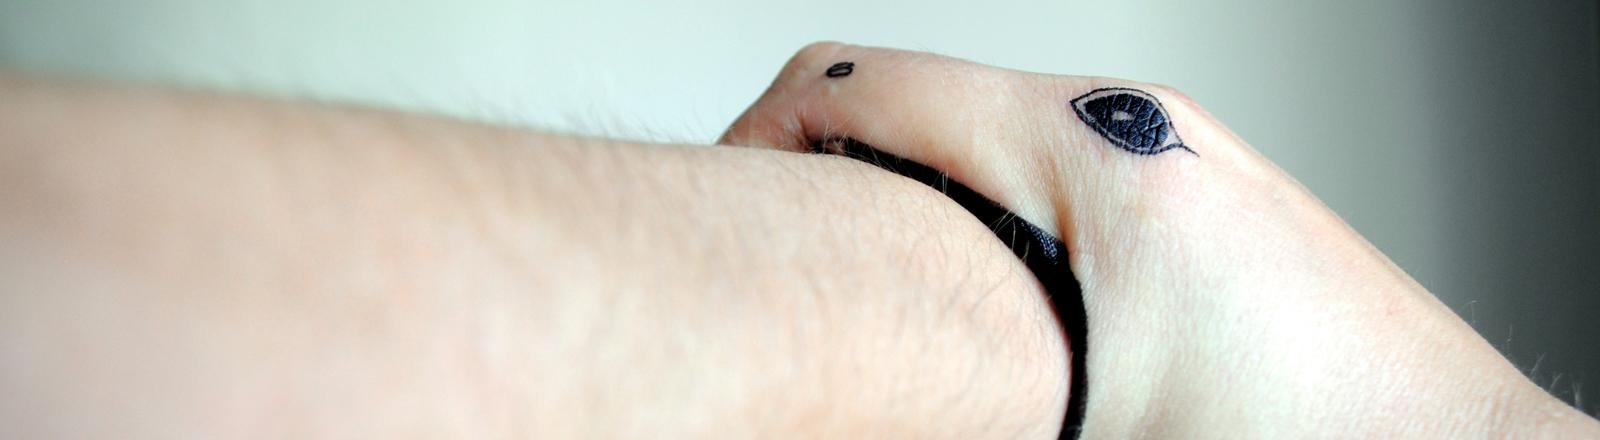 Es sieht so aus, als würde eine Schlange in einen menschlichen Arm beißen. Tatsächlich ist es eine Hand.